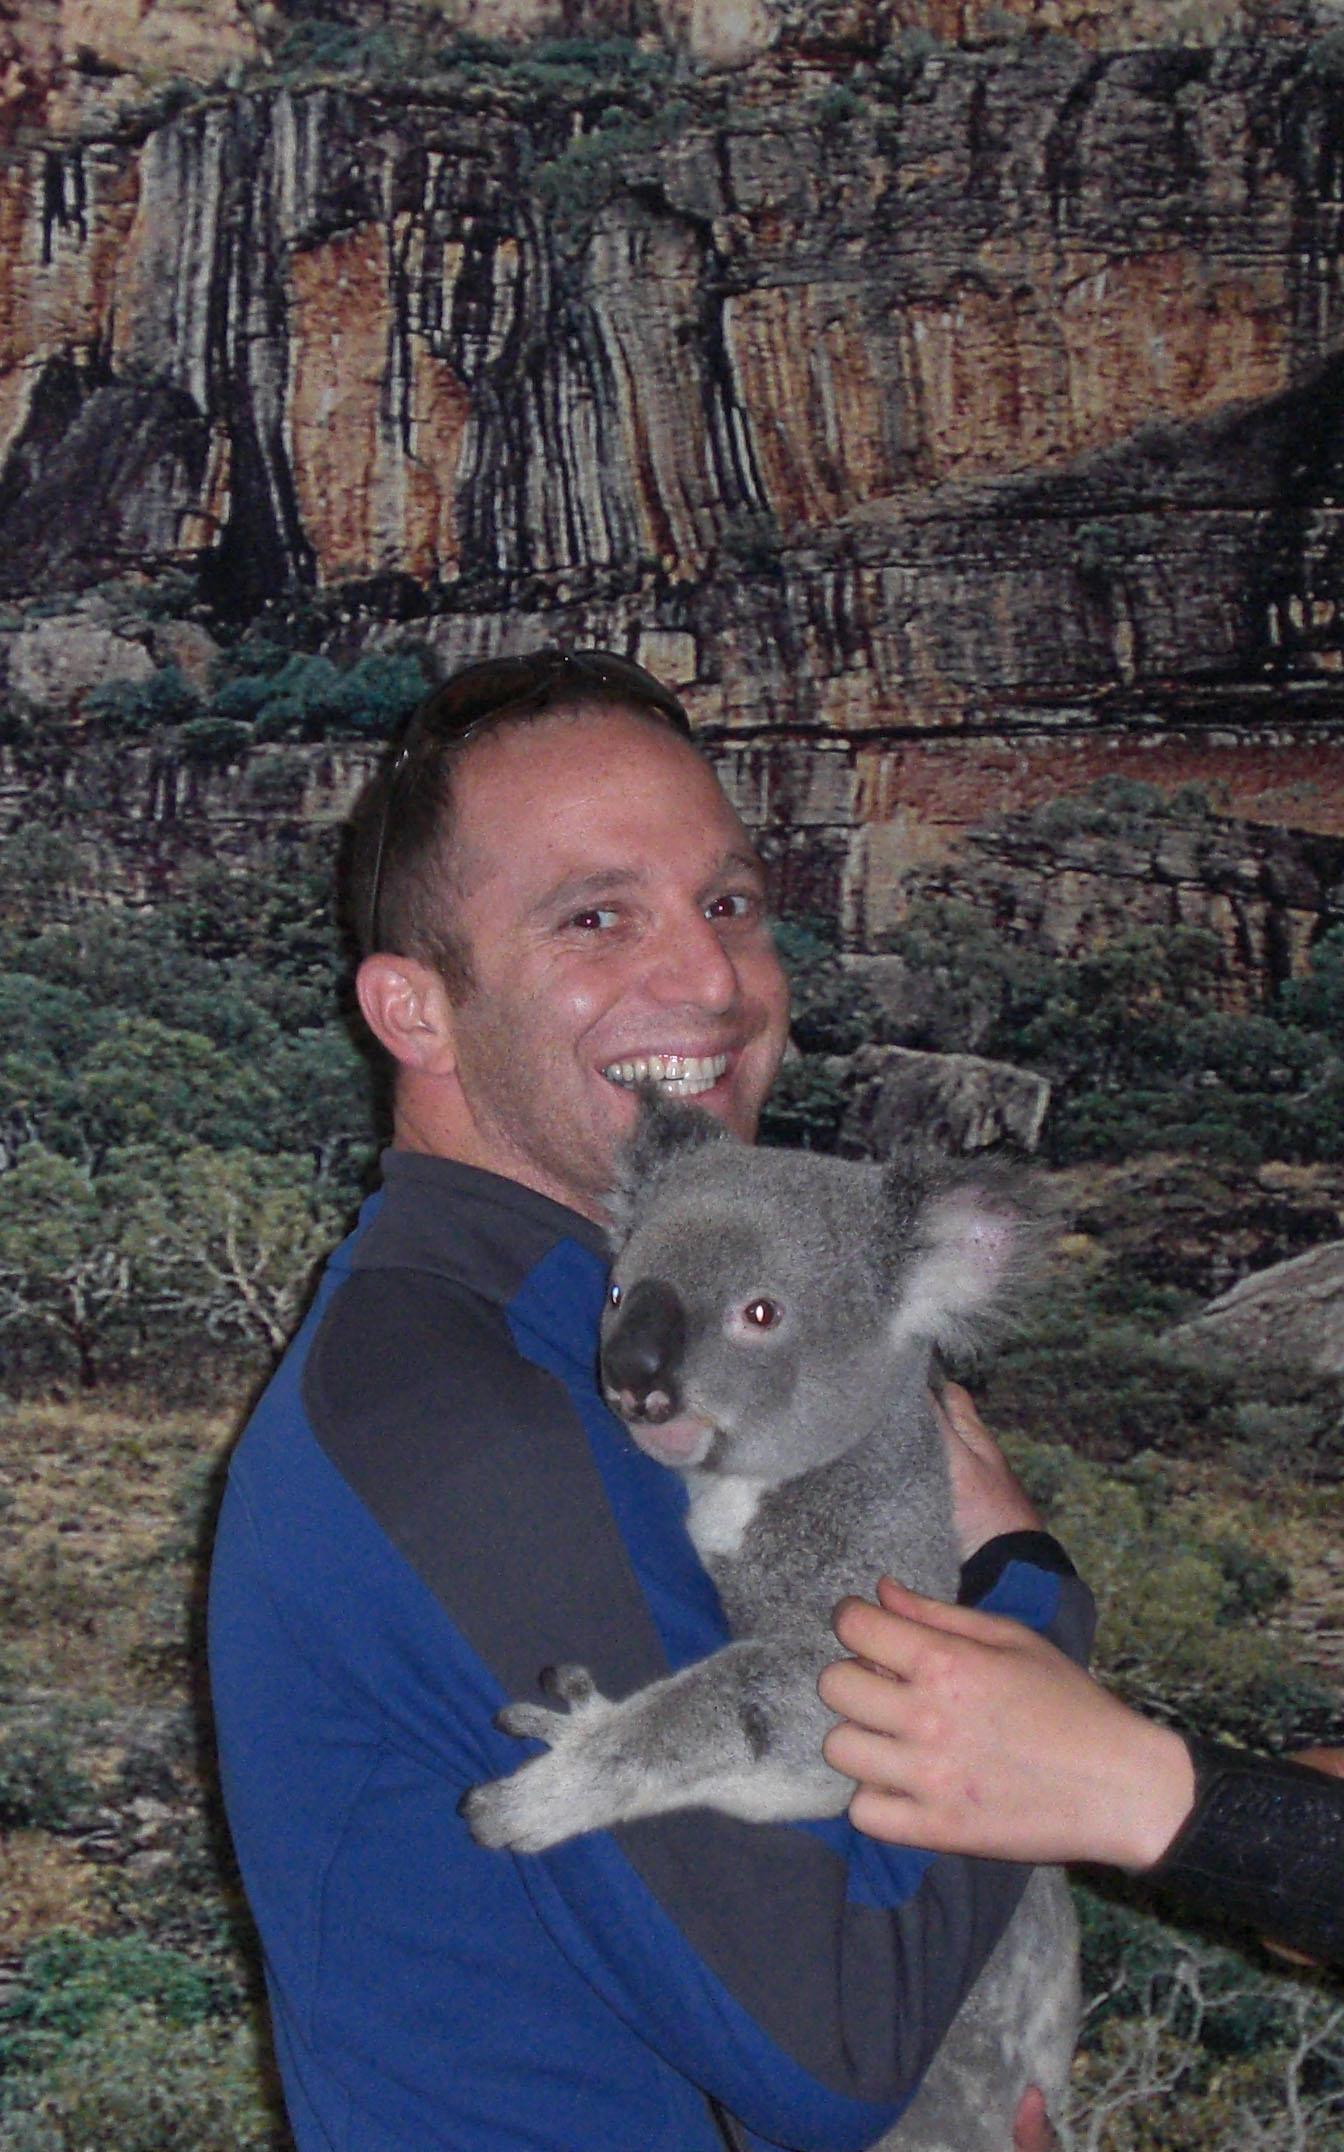 Symon & A Koala in Australia